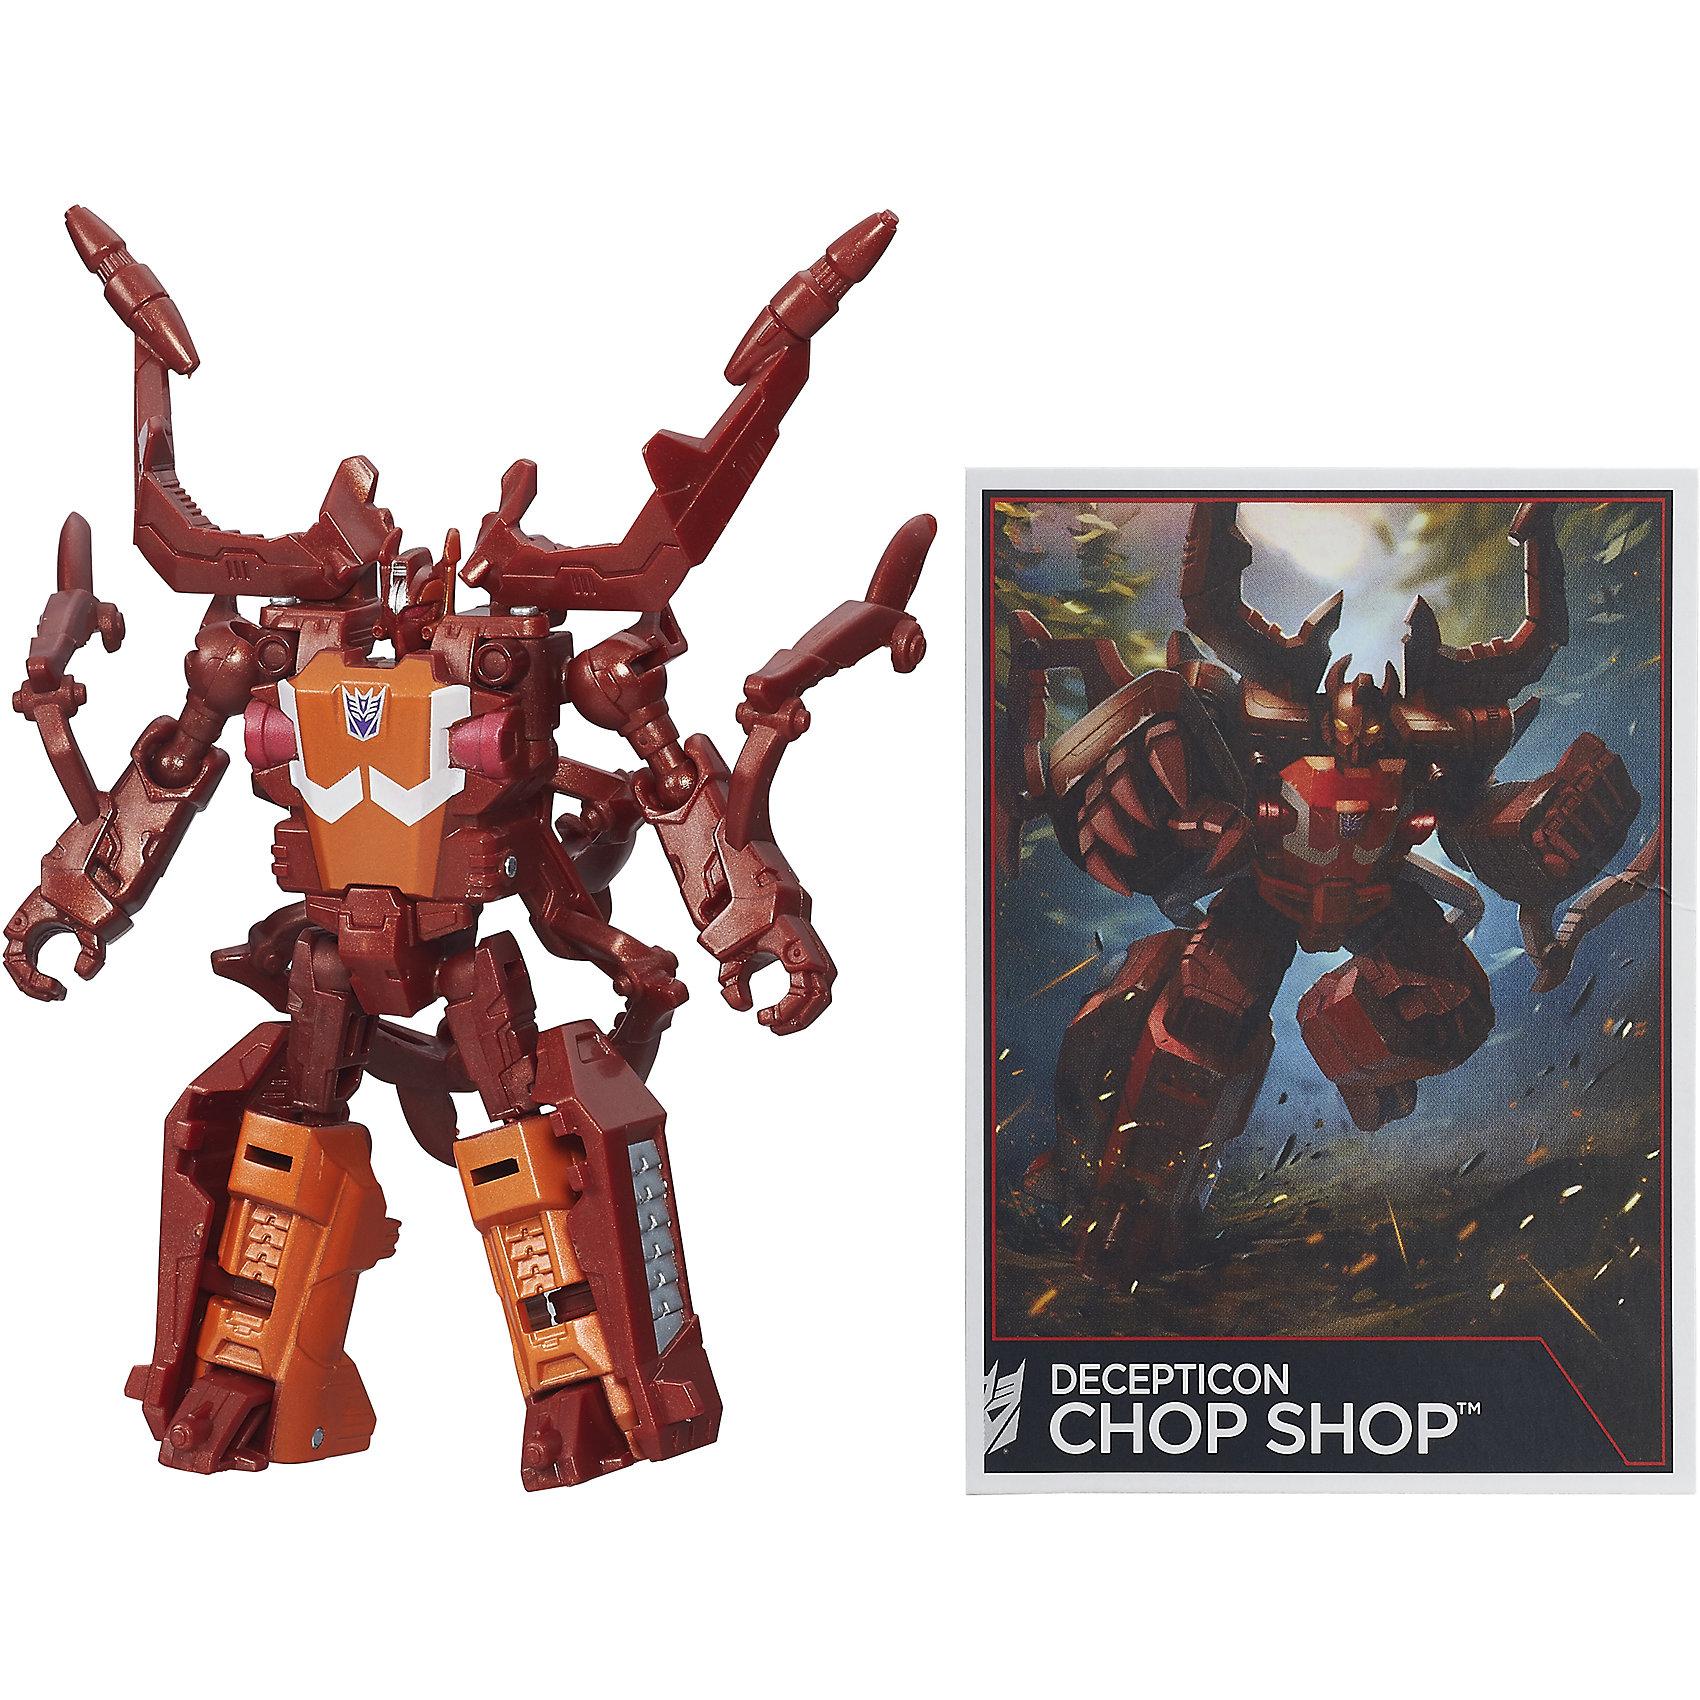 Дженерэйшнс Легенды, Трансформеры, B0971/B4667Дженерэйшнс Легенды, Трансформеры (Transformers) - это фигурки любимых персонажей с непростой, но интересной трансформацией. Высокий уровень детализации и увлекательная трансформация в 8 шагов обязательно заинтересуют вашего ребенка. Эта игрушка не только понравится всем мальчишкам, она поможет развить мелкую моторику, внимание и фантазию ребенка. Выполнена из высококачественного прочного пластика, безопасного для детей.  Дополнительная информация:  - Материал: пластик - Размер упаковки: 22.9 х 12.1 х 3.8 см.     Дженерэйшнс Легенды, Трансформеры (Transformers), в ассортименте,  можно купить в нашем магазине.<br><br>Ширина мм: 234<br>Глубина мм: 123<br>Высота мм: 43<br>Вес г: 69<br>Возраст от месяцев: 60<br>Возраст до месяцев: 120<br>Пол: Мужской<br>Возраст: Детский<br>SKU: 4829662